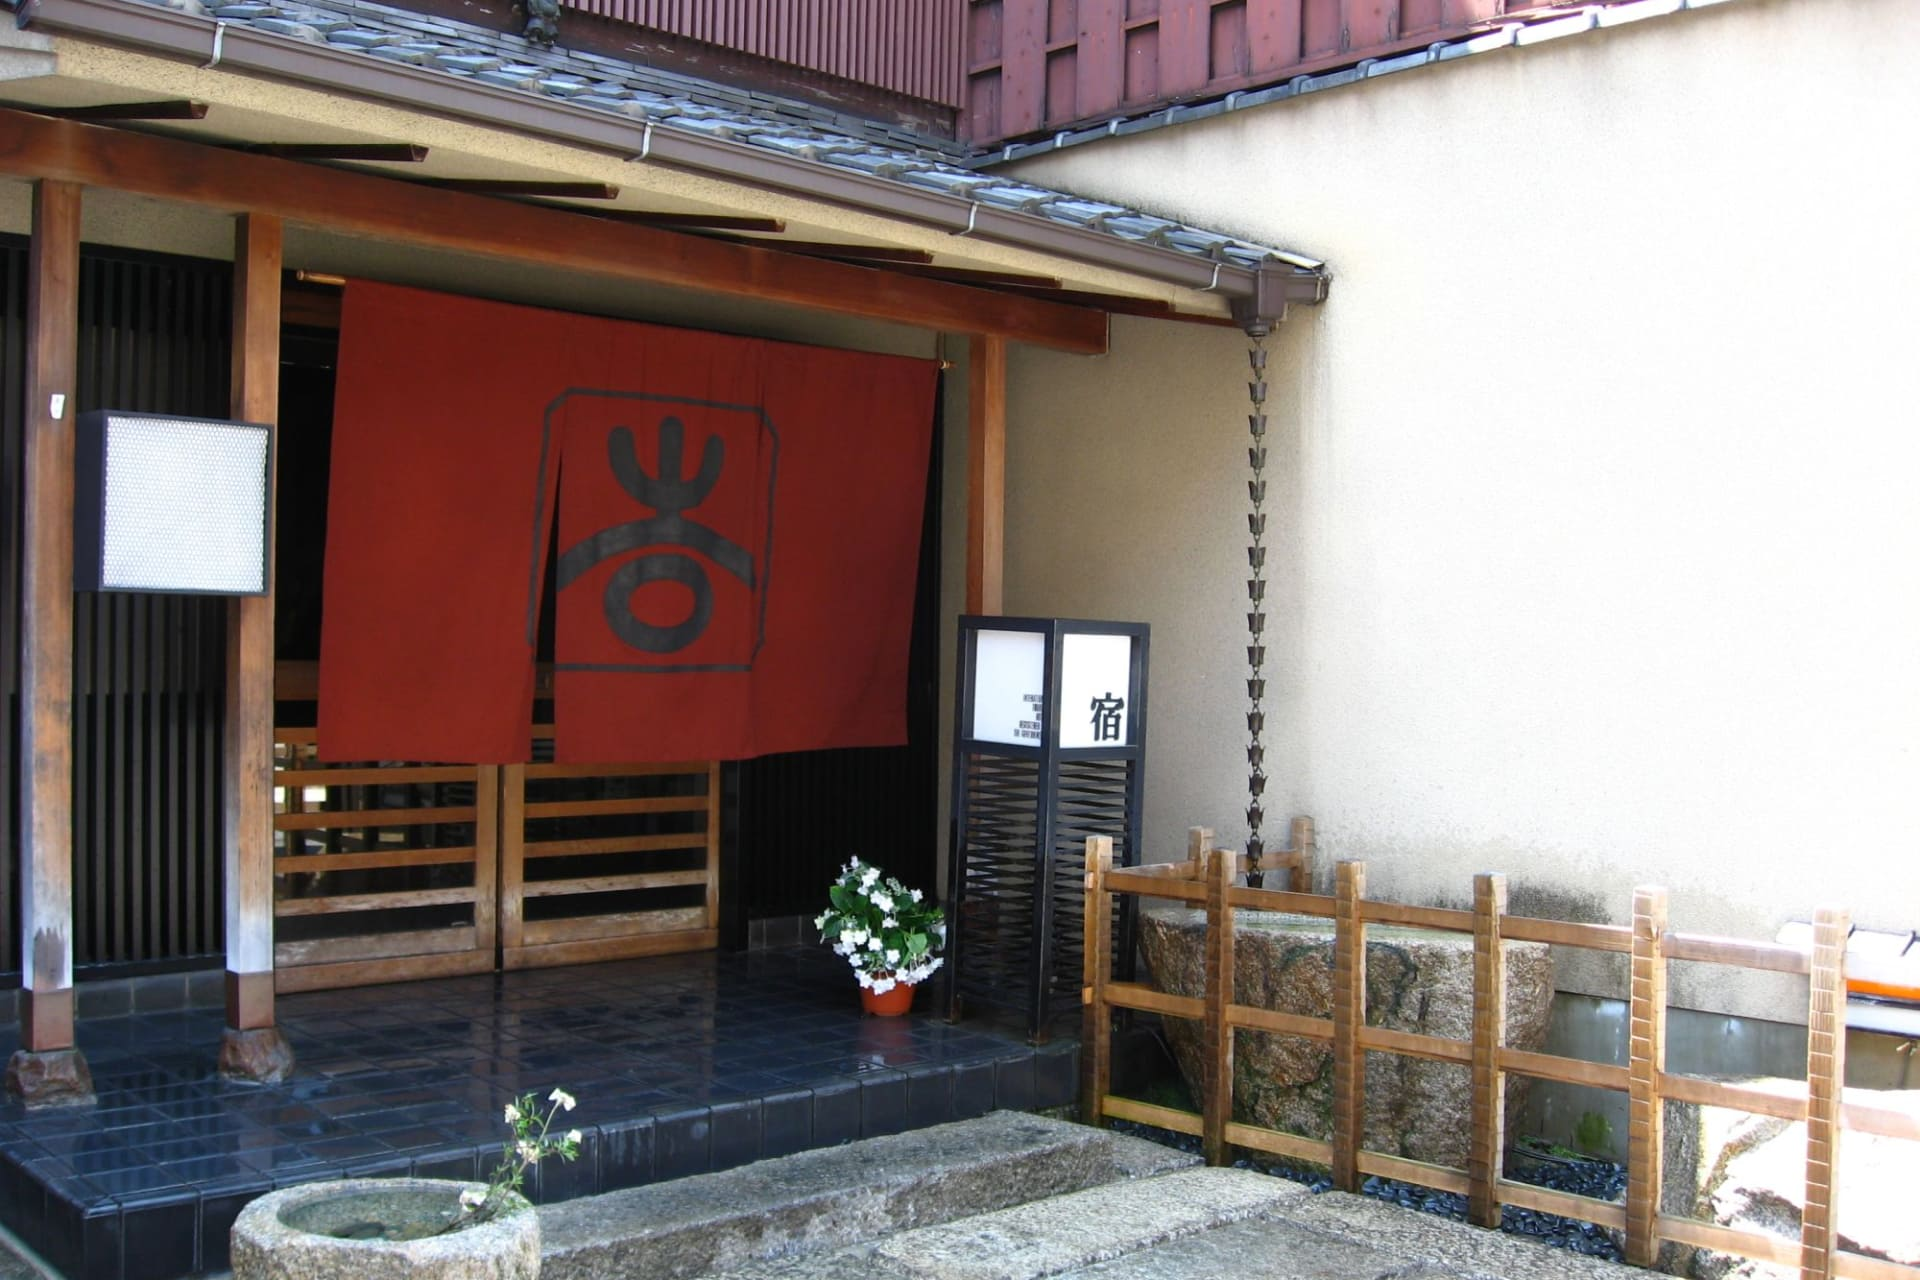 exterior: Entrance